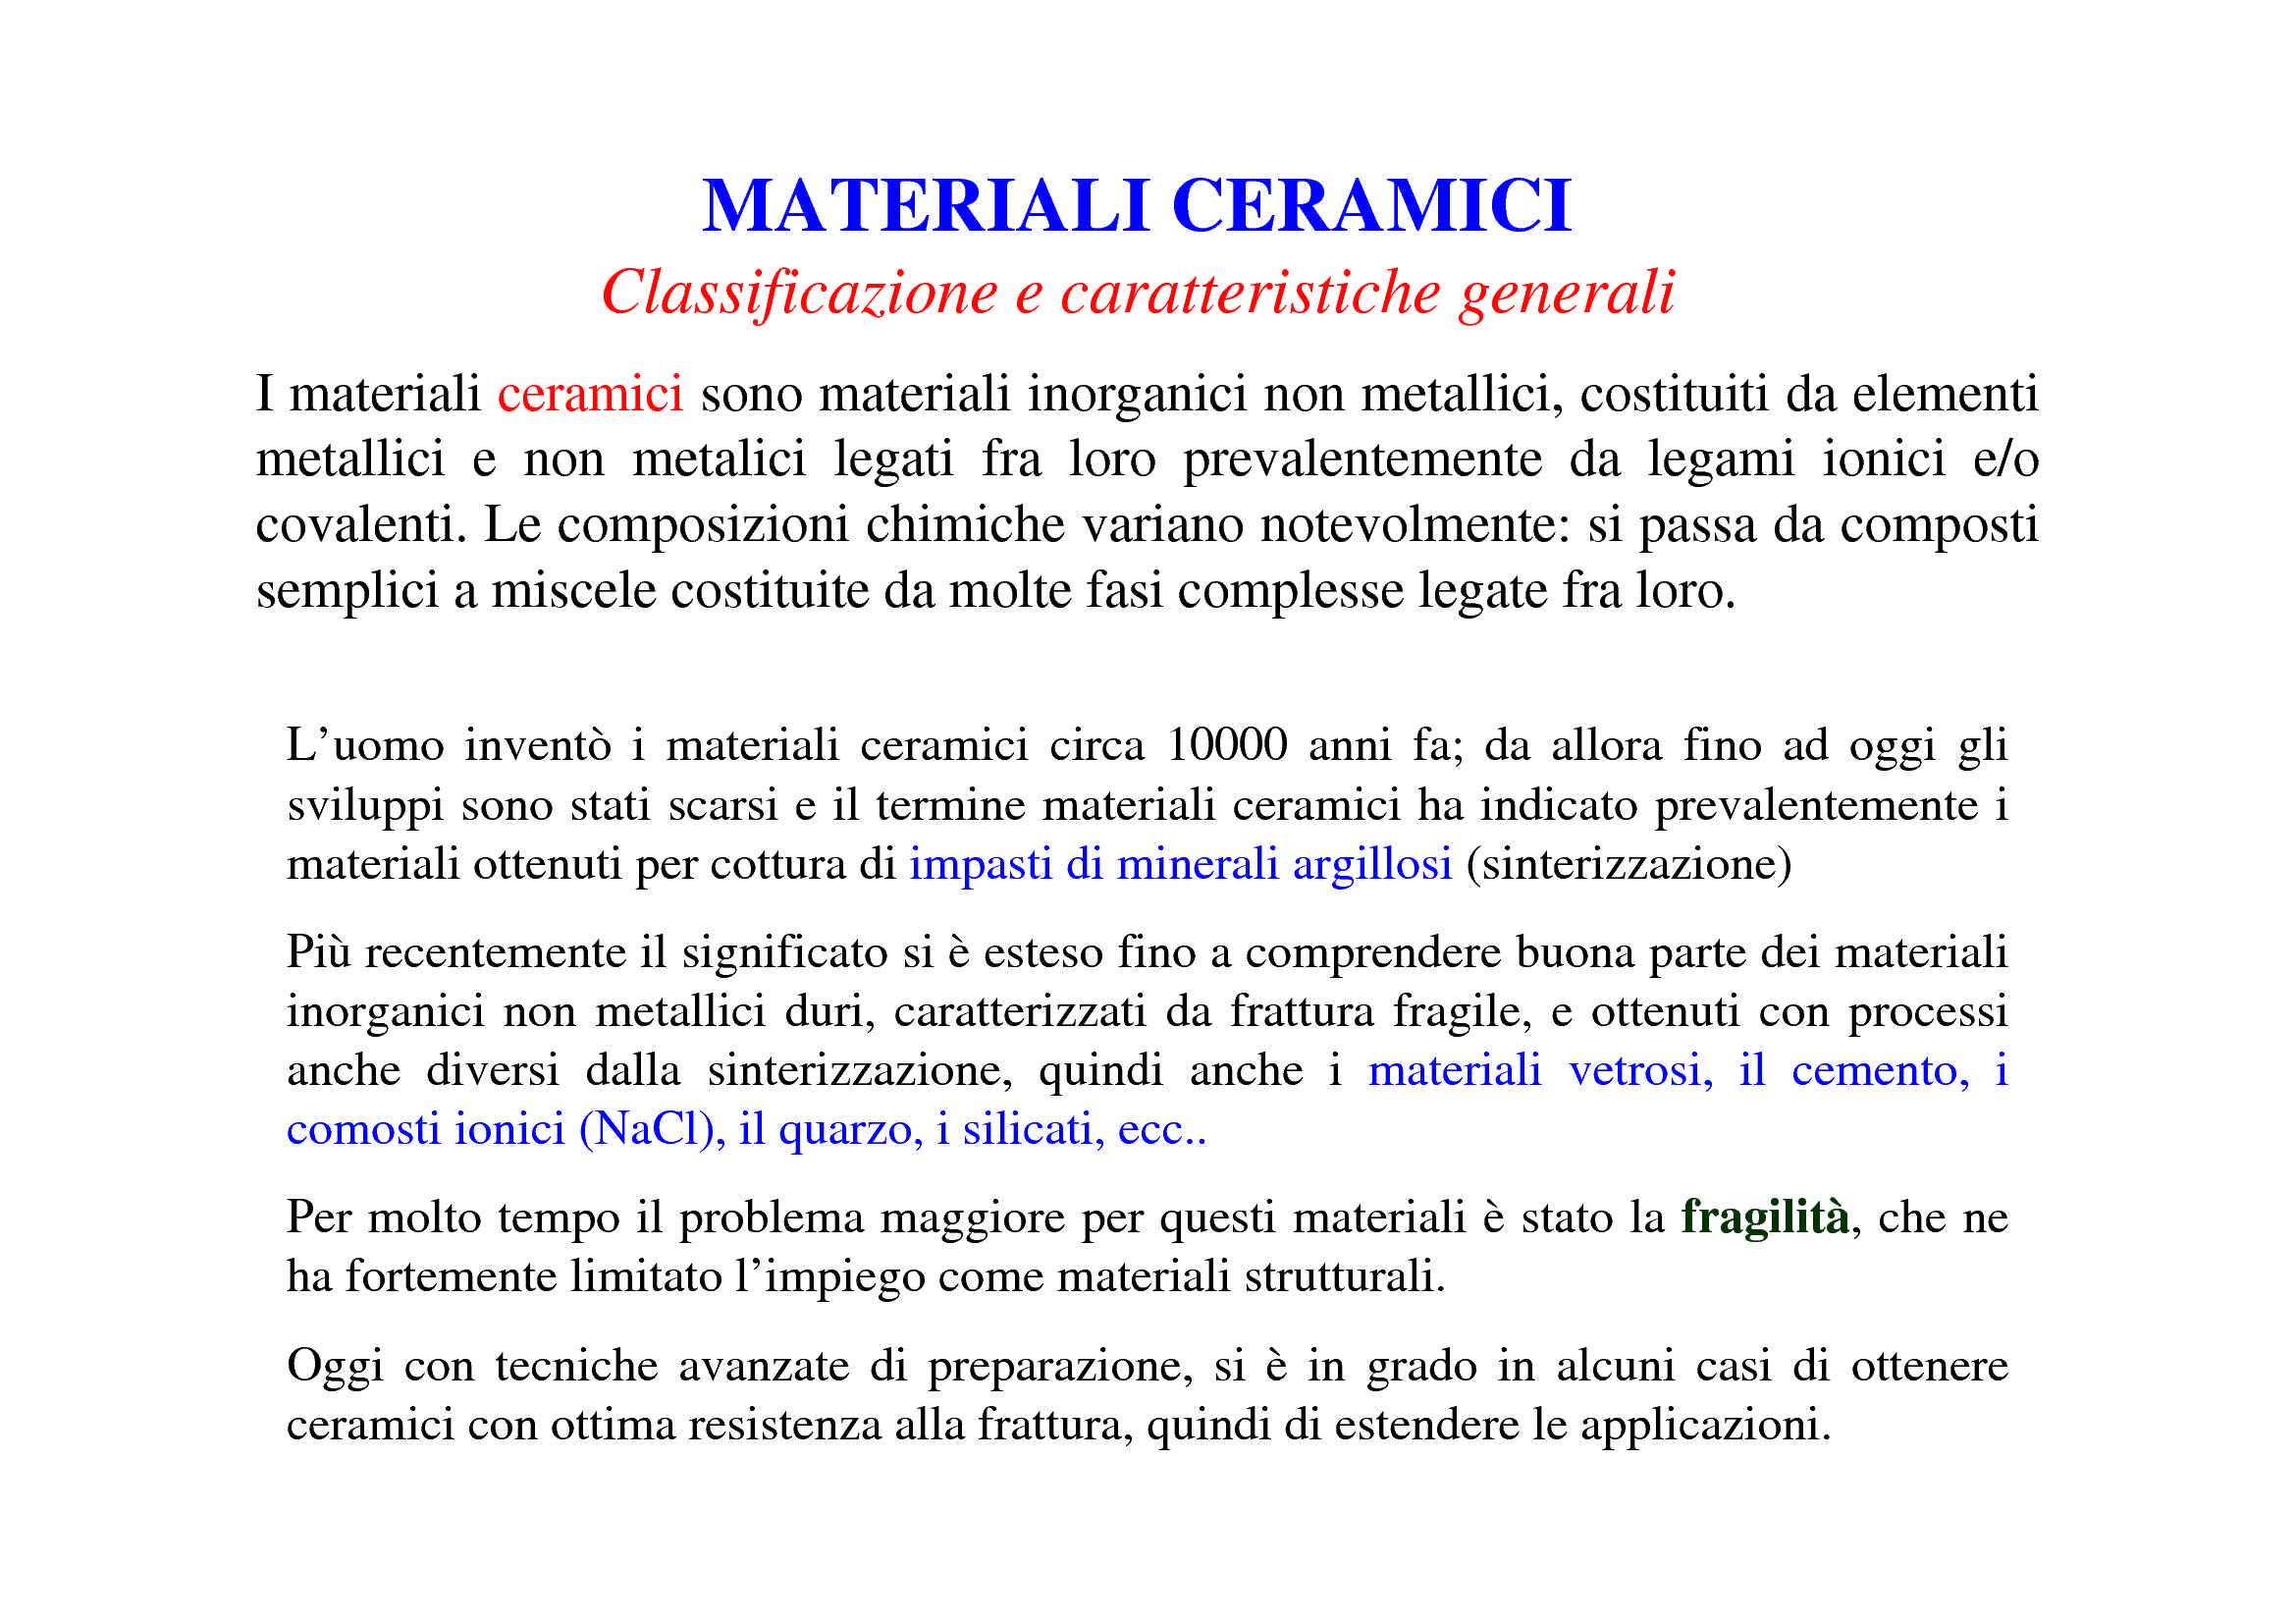 Materiali ceramici